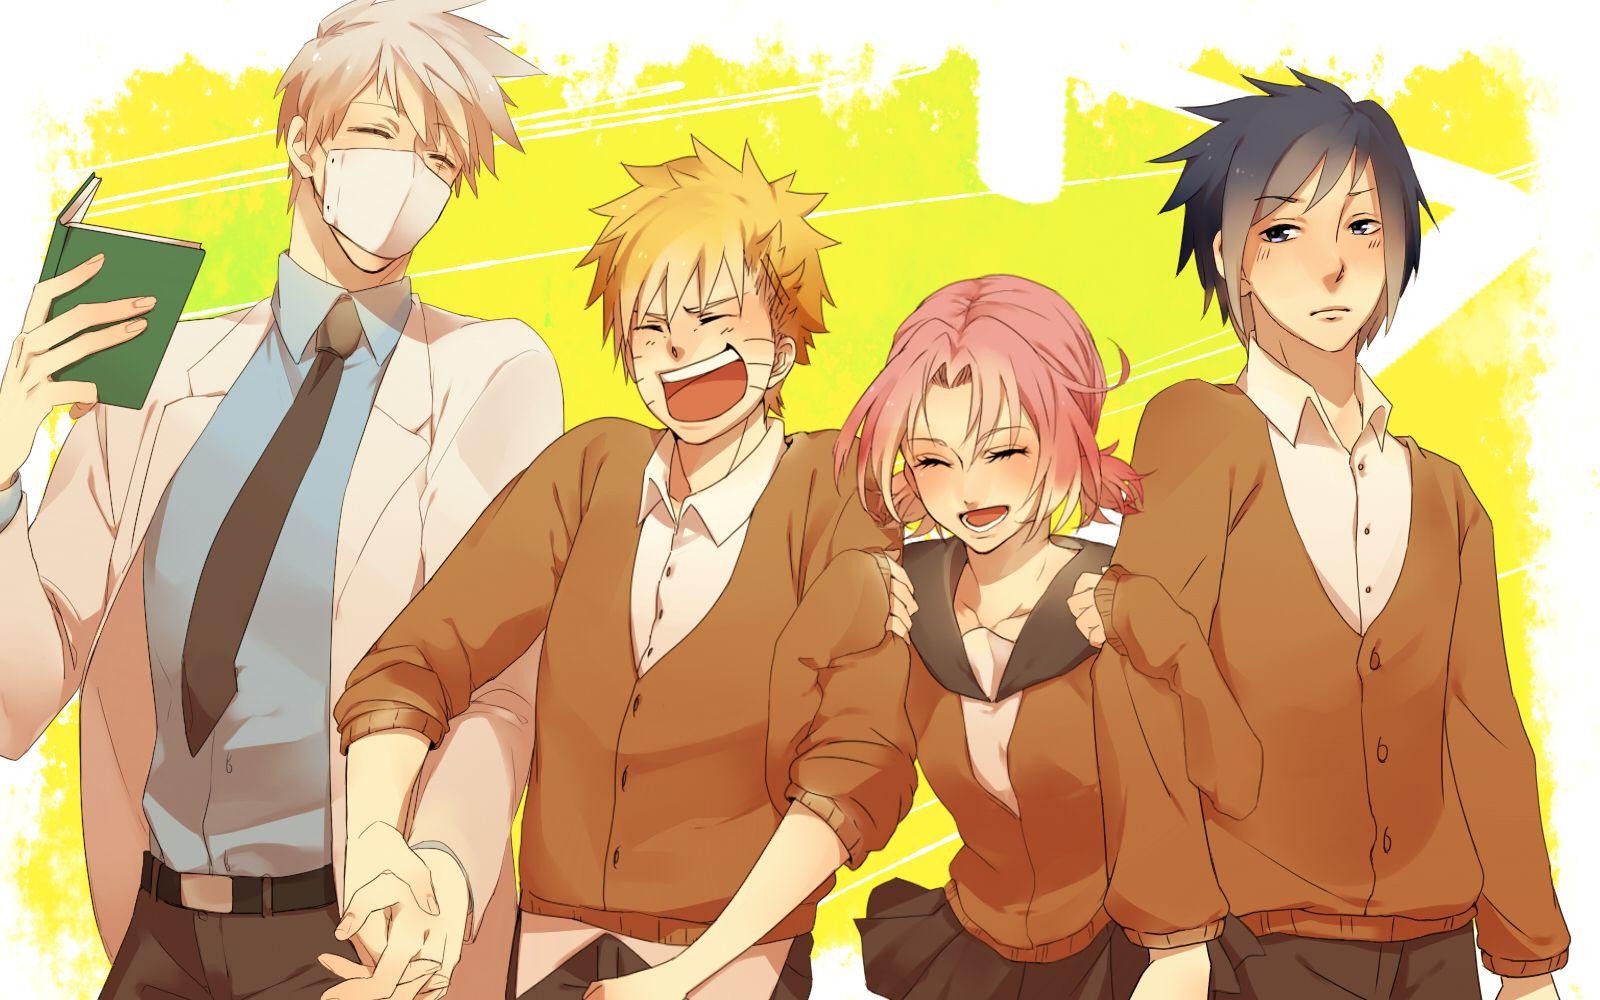 Pixiv Id 4390065, NARUTO, Hatake Kakashi, Uchiha Sasuke, Uzumaki Naruto, Haruno Sakura